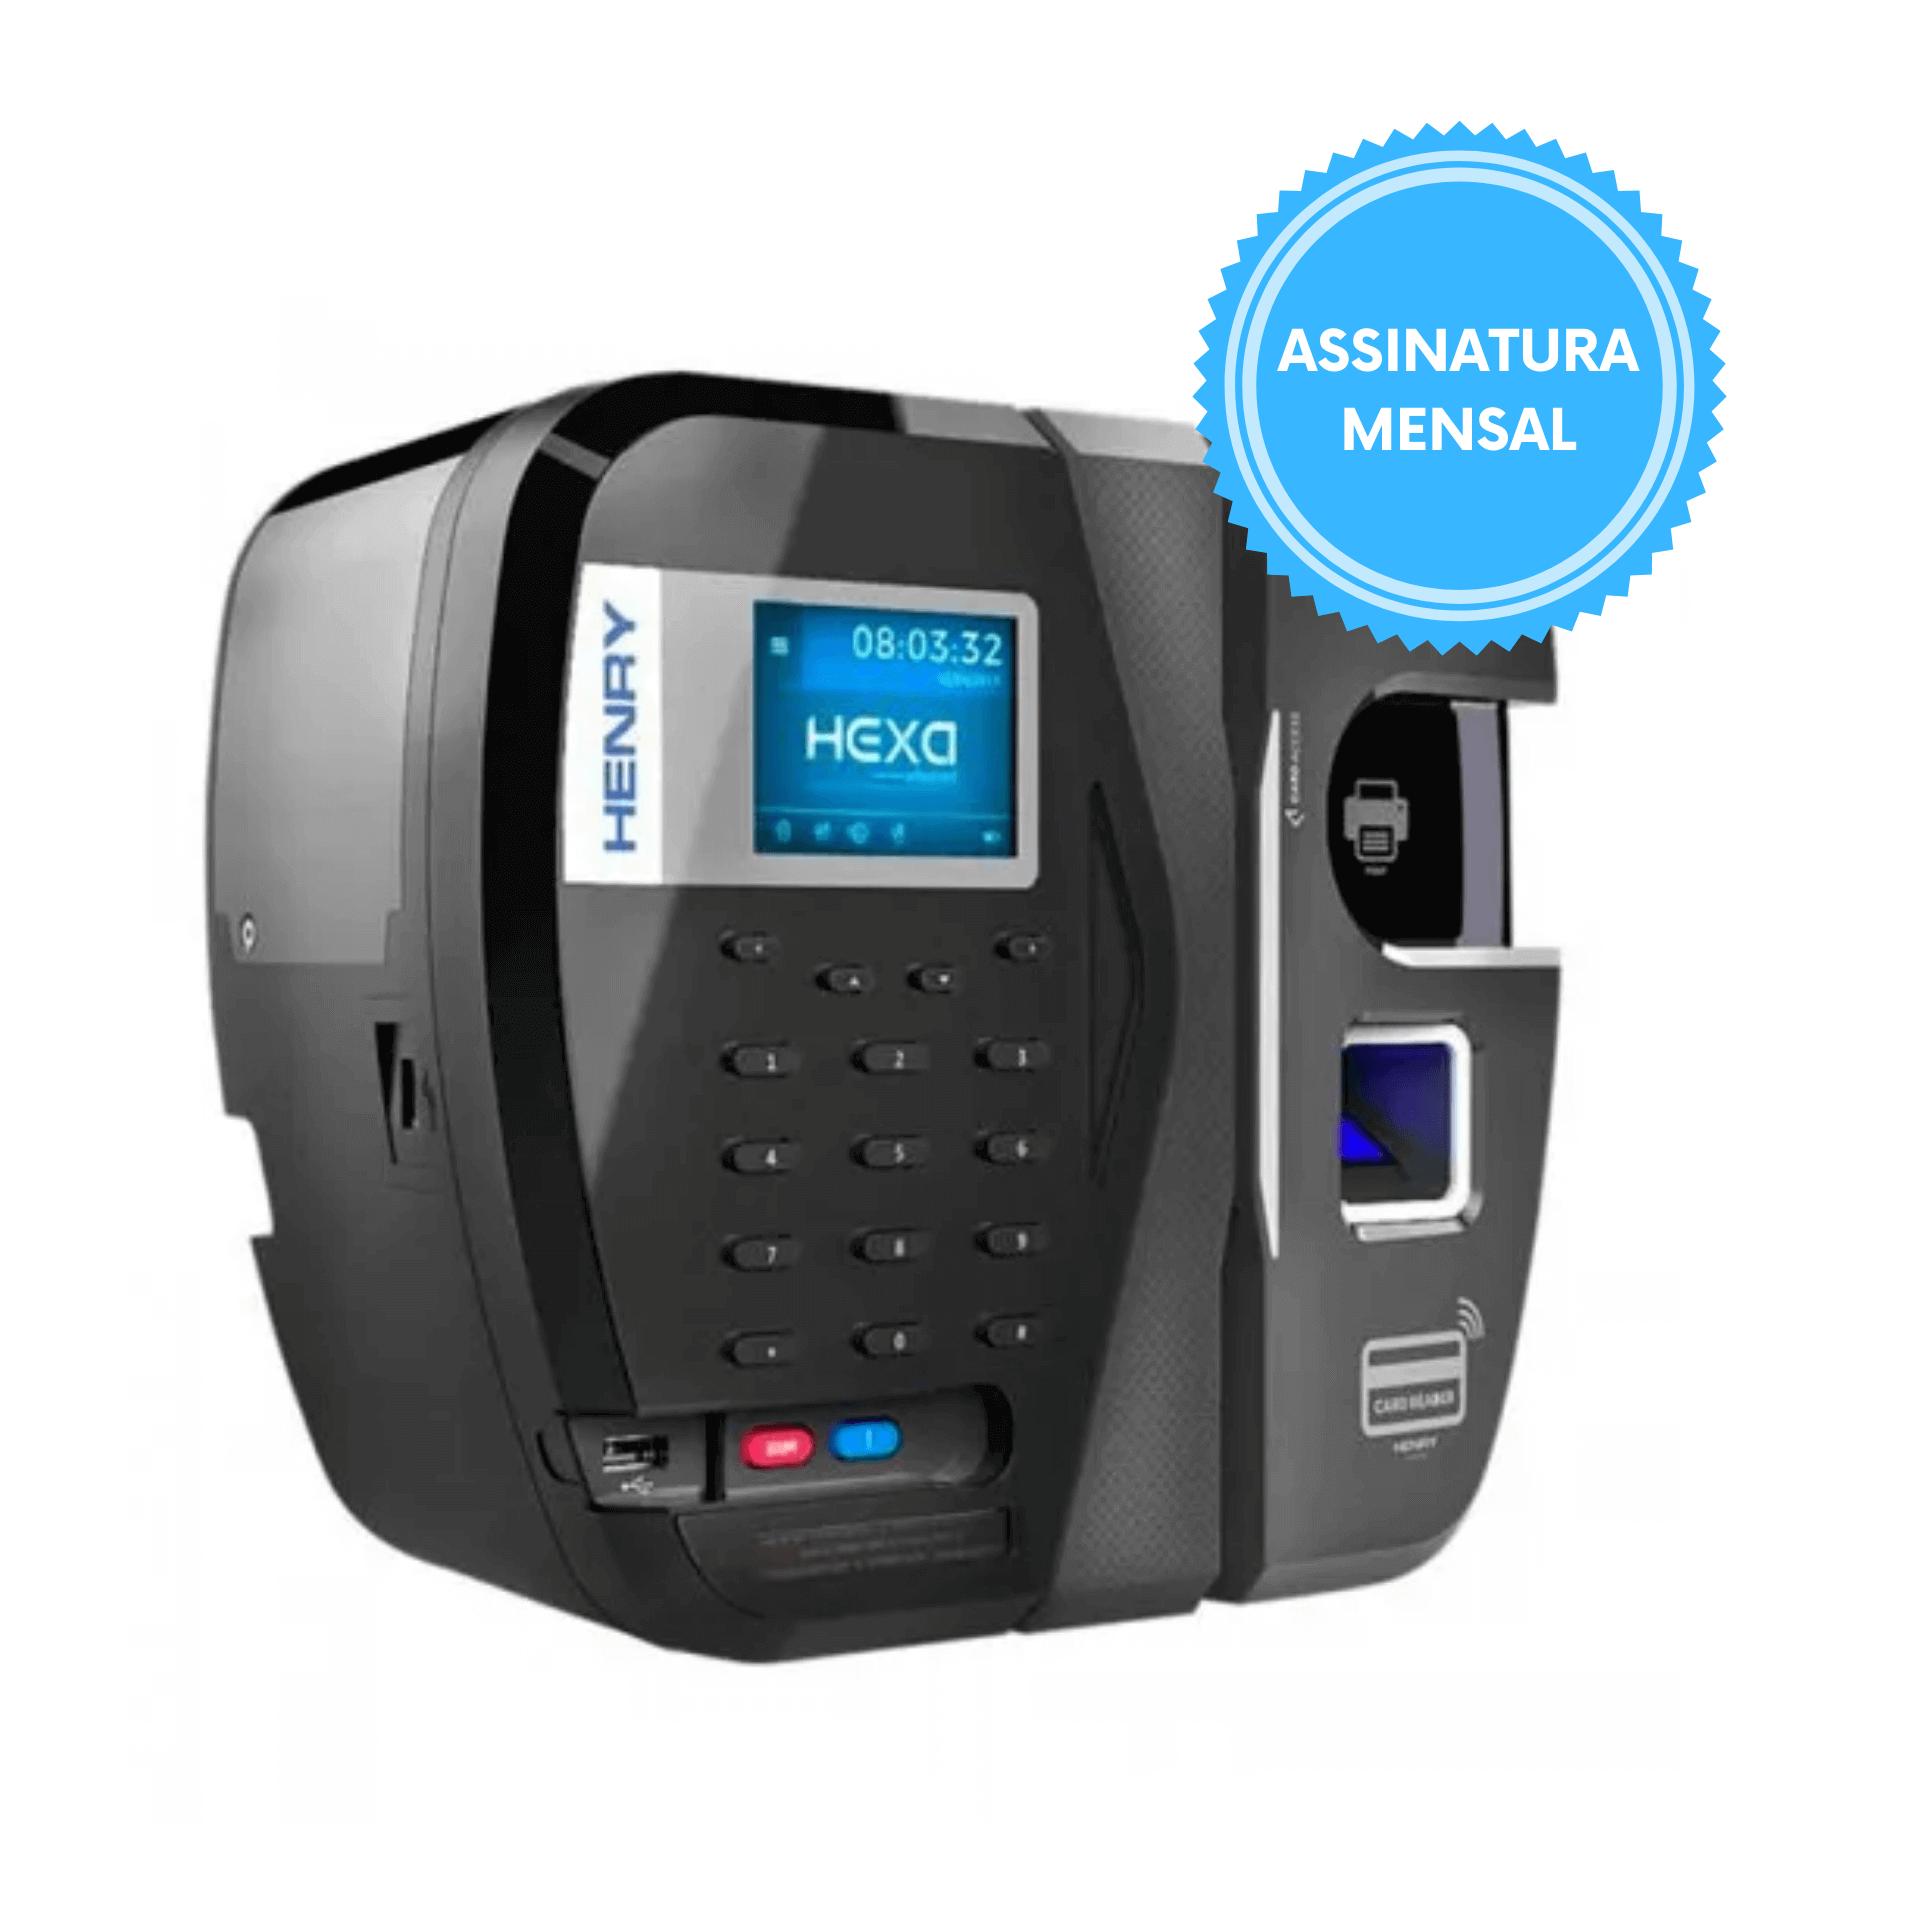 Relógio de Ponto REP Hexa Adv Biométrico e Código de Barras